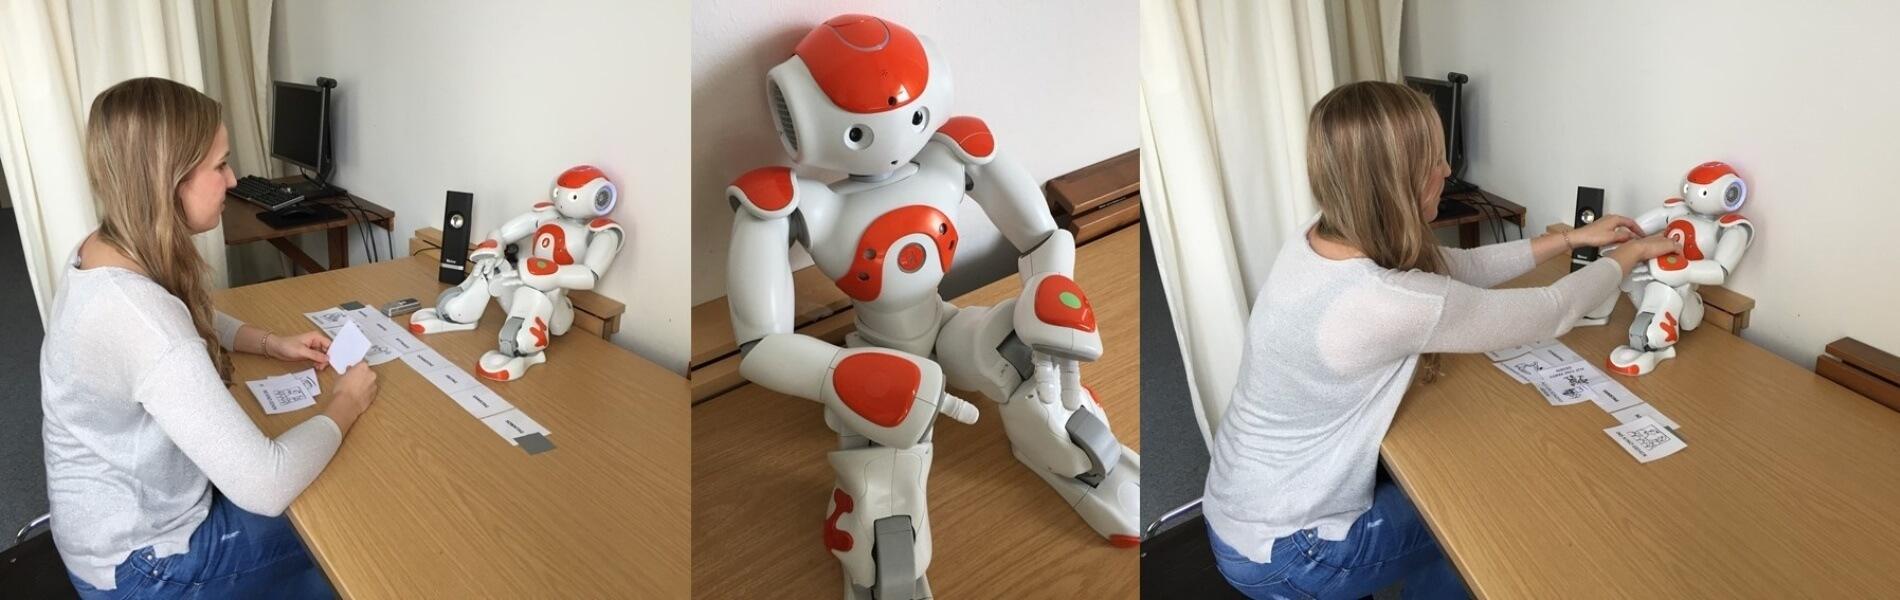 """""""Wir sollten Roboter nicht zu sehr vermenschlichen"""""""